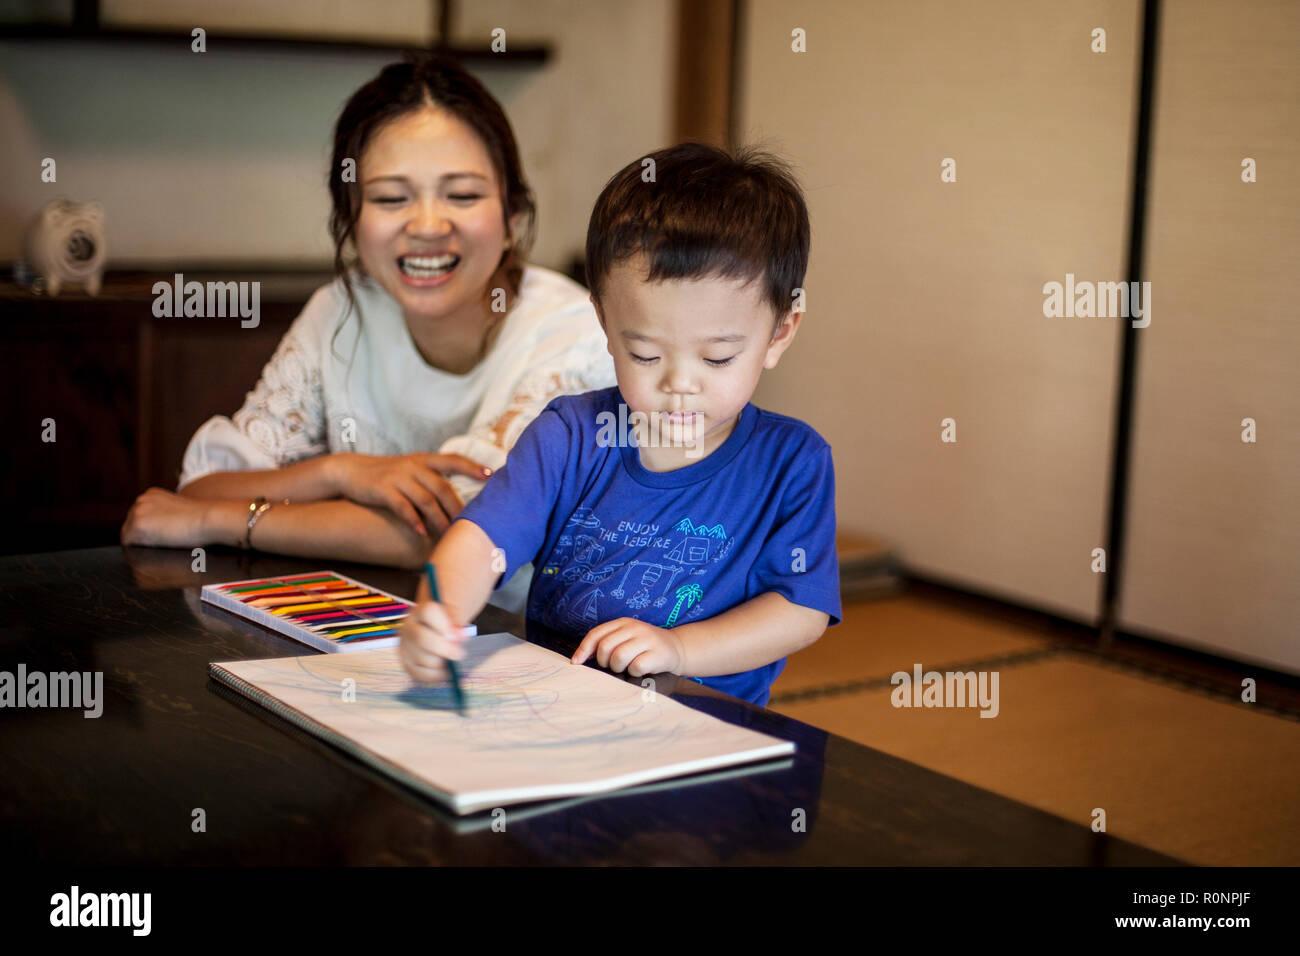 Sonriente Mujer Japonesa Y El Niño Sentado En Una Mesa Dibujo Sobre